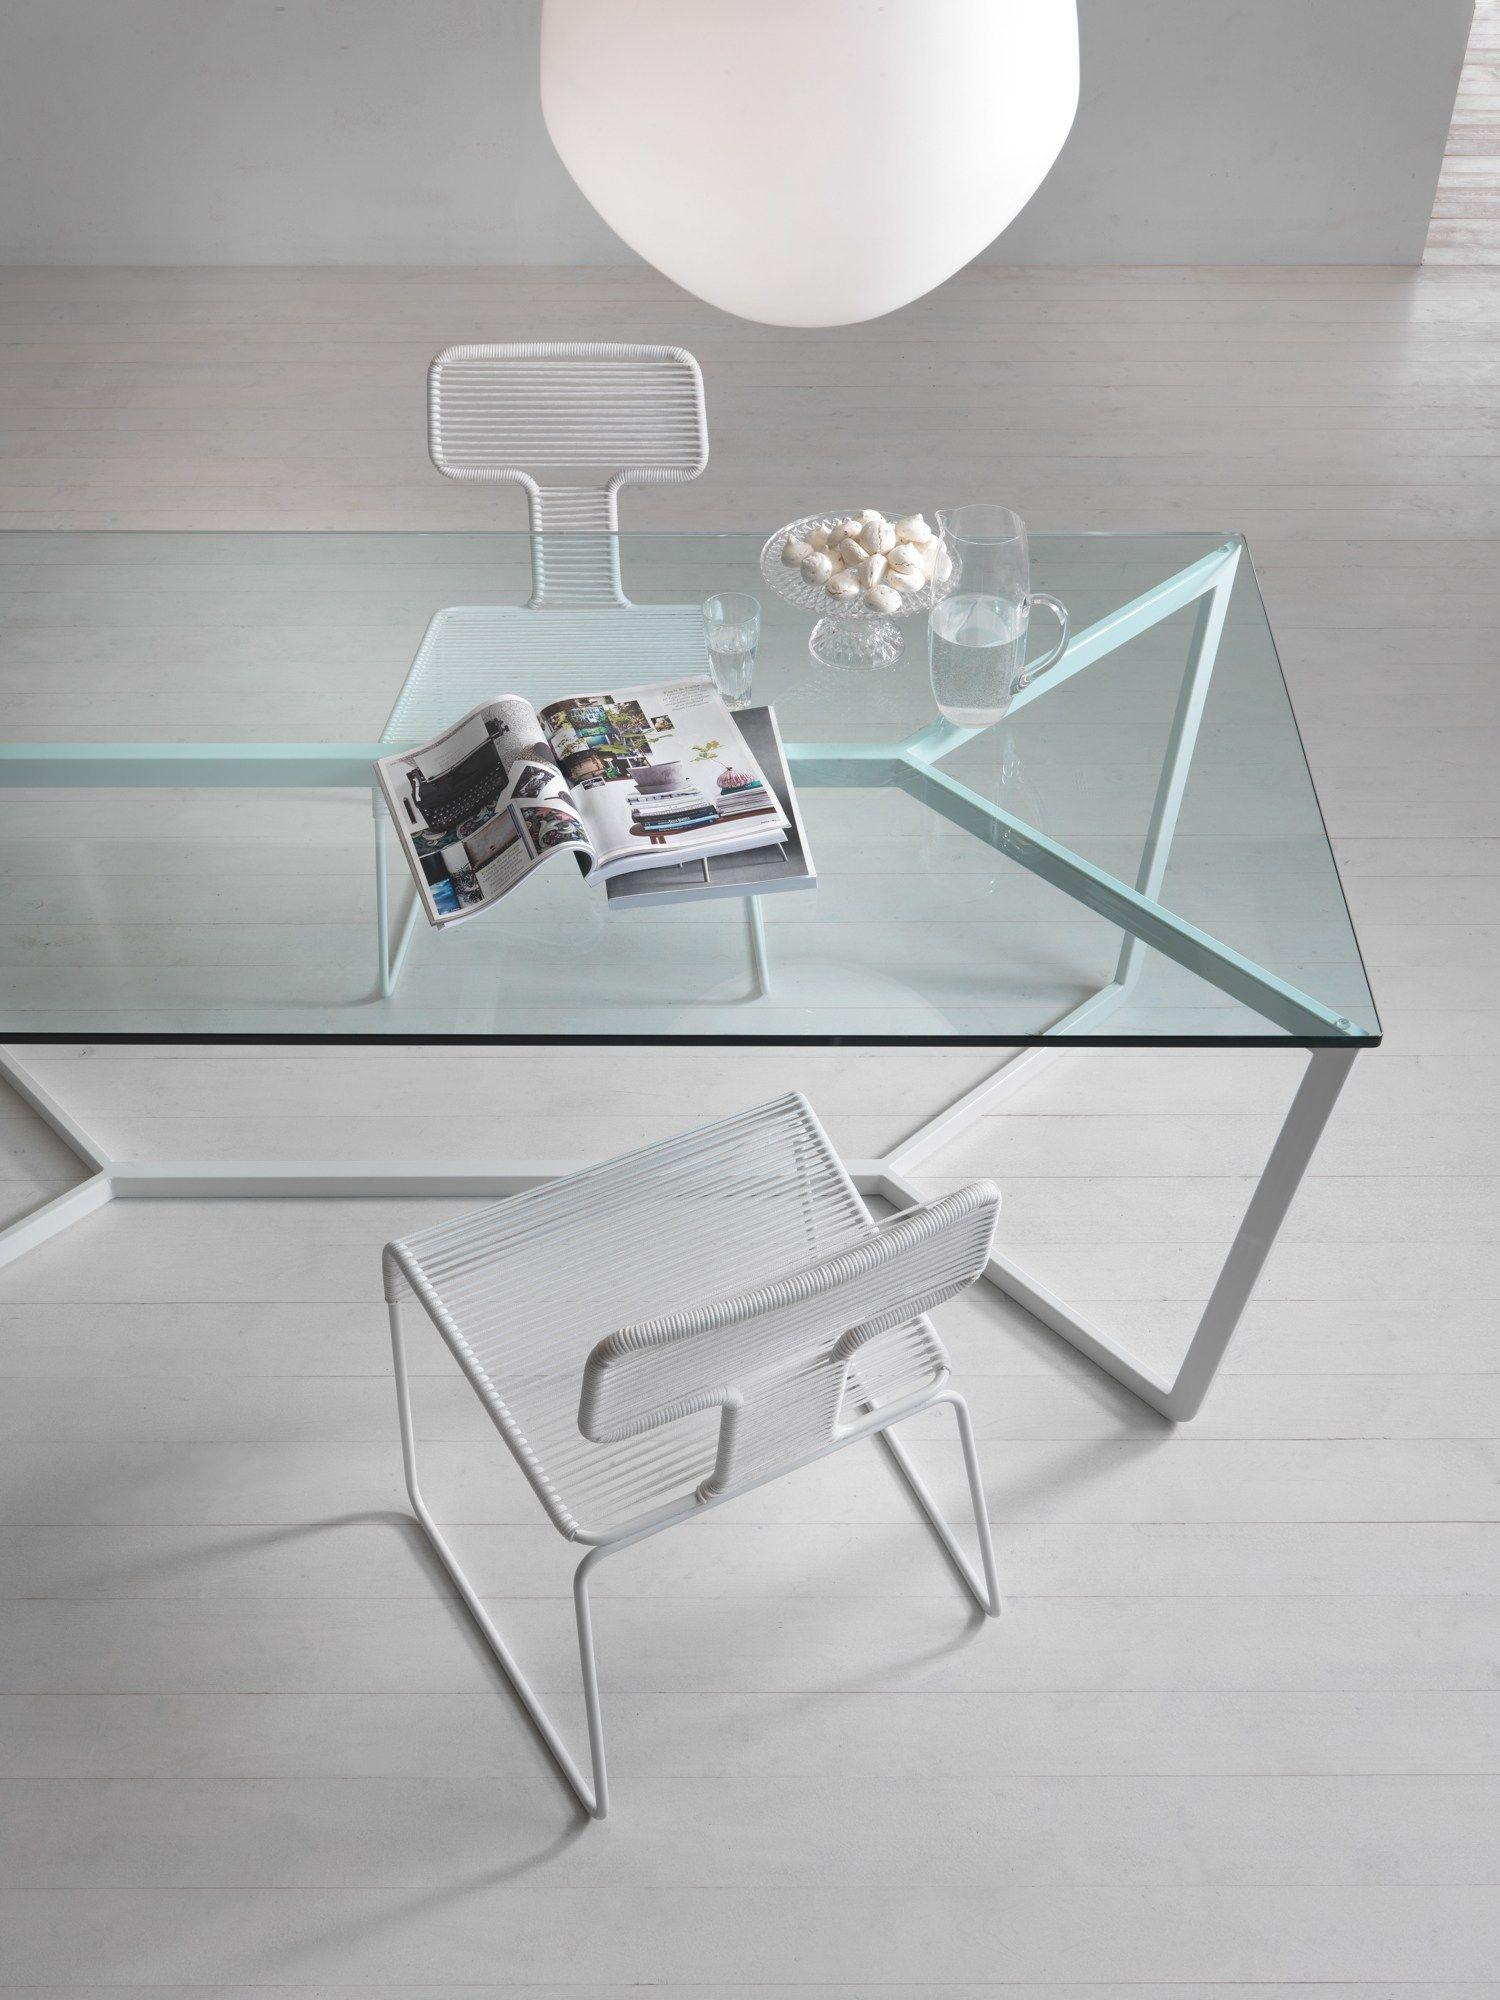 Mesa de comedor rectangular barata de cristal templado - Mesa de comedor cristal ...